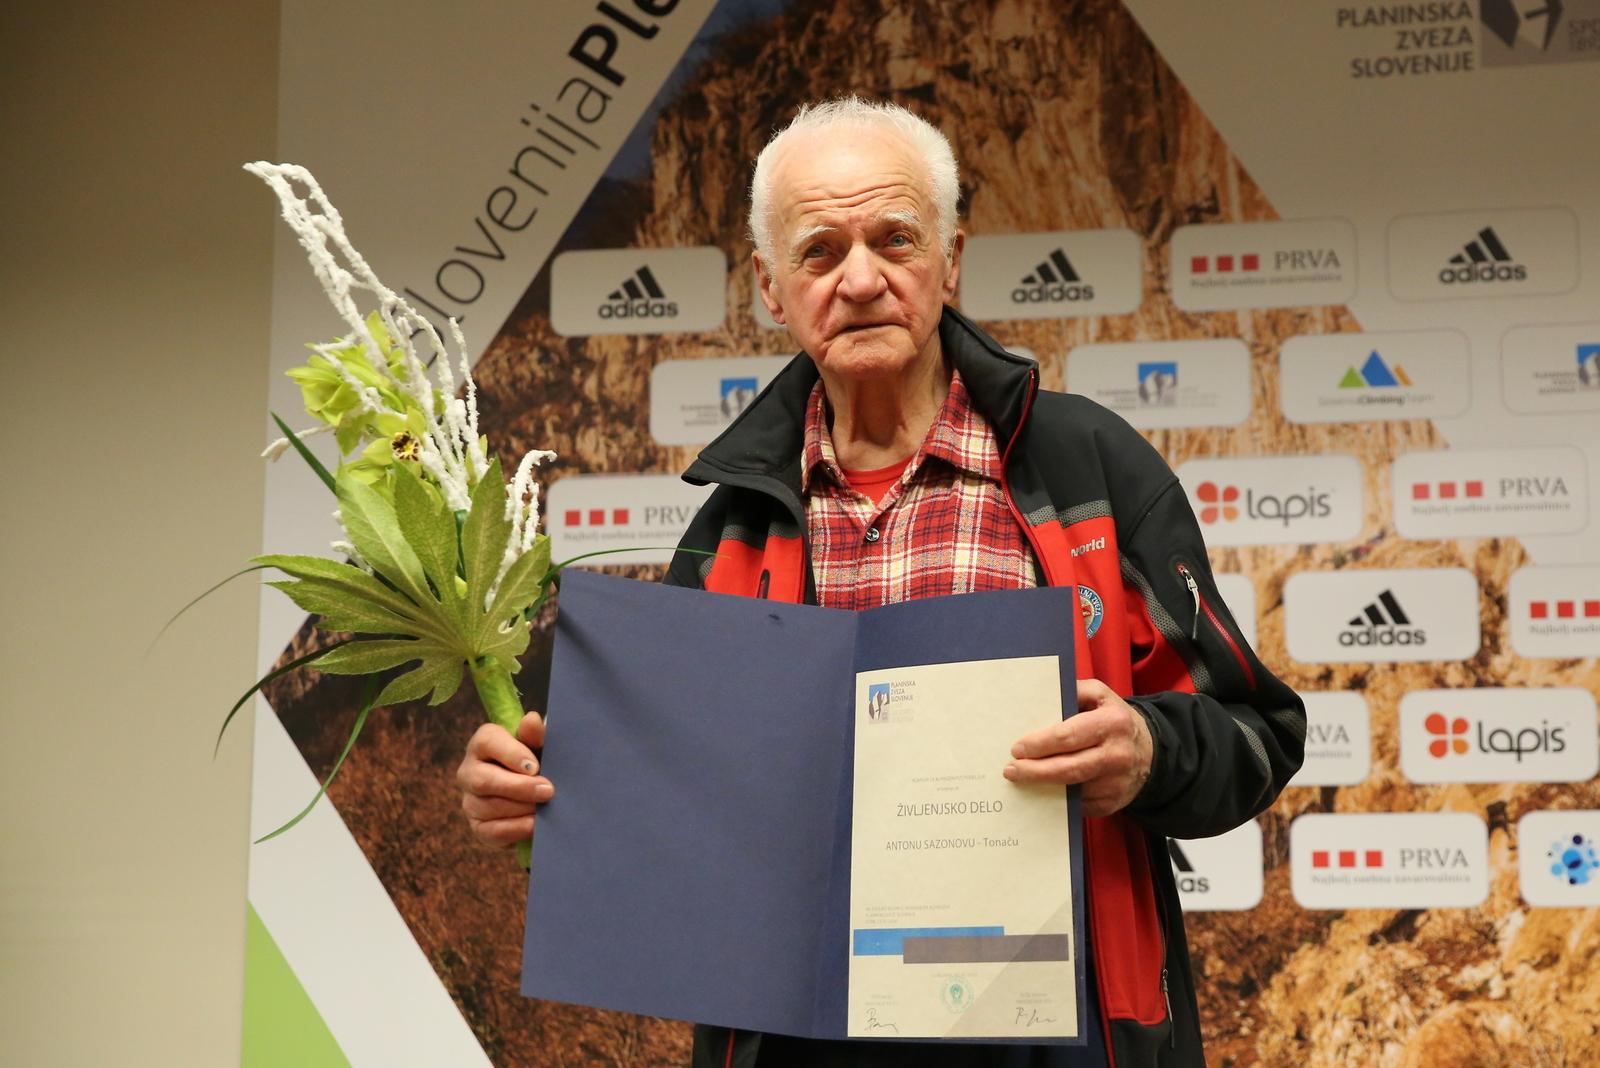 anton_sazonov_tonac_priznanje_za_zivljenjsko_delo_v_alpinizmu_foto_oto_zan